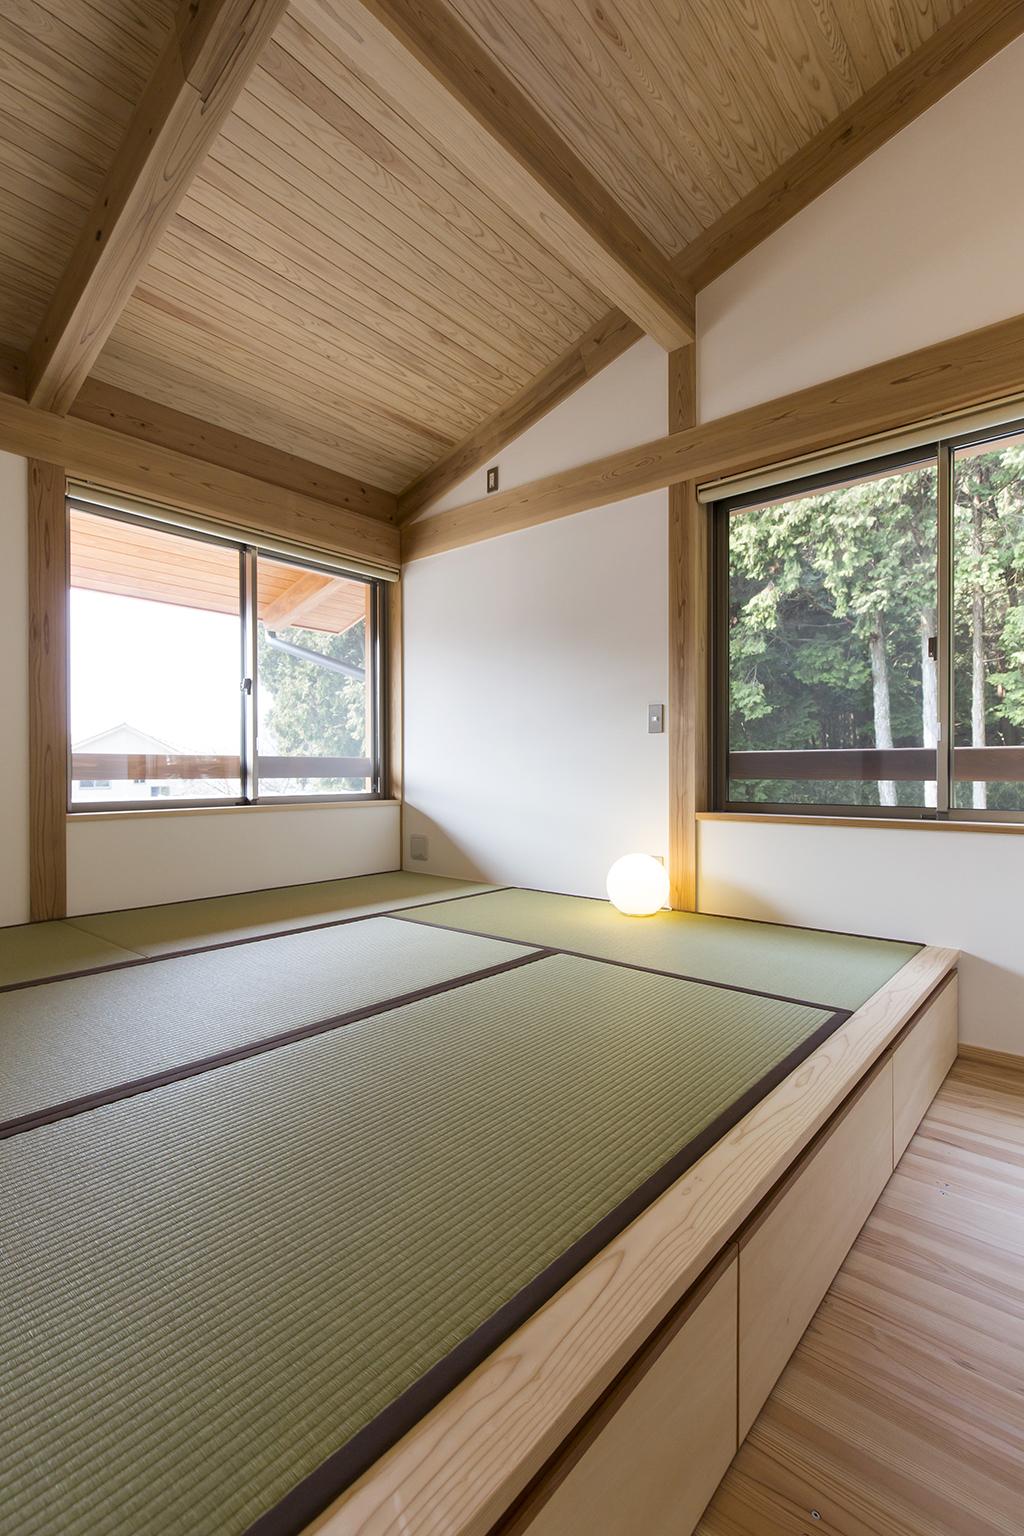 姫路市の木の家 畳敷きの寝室